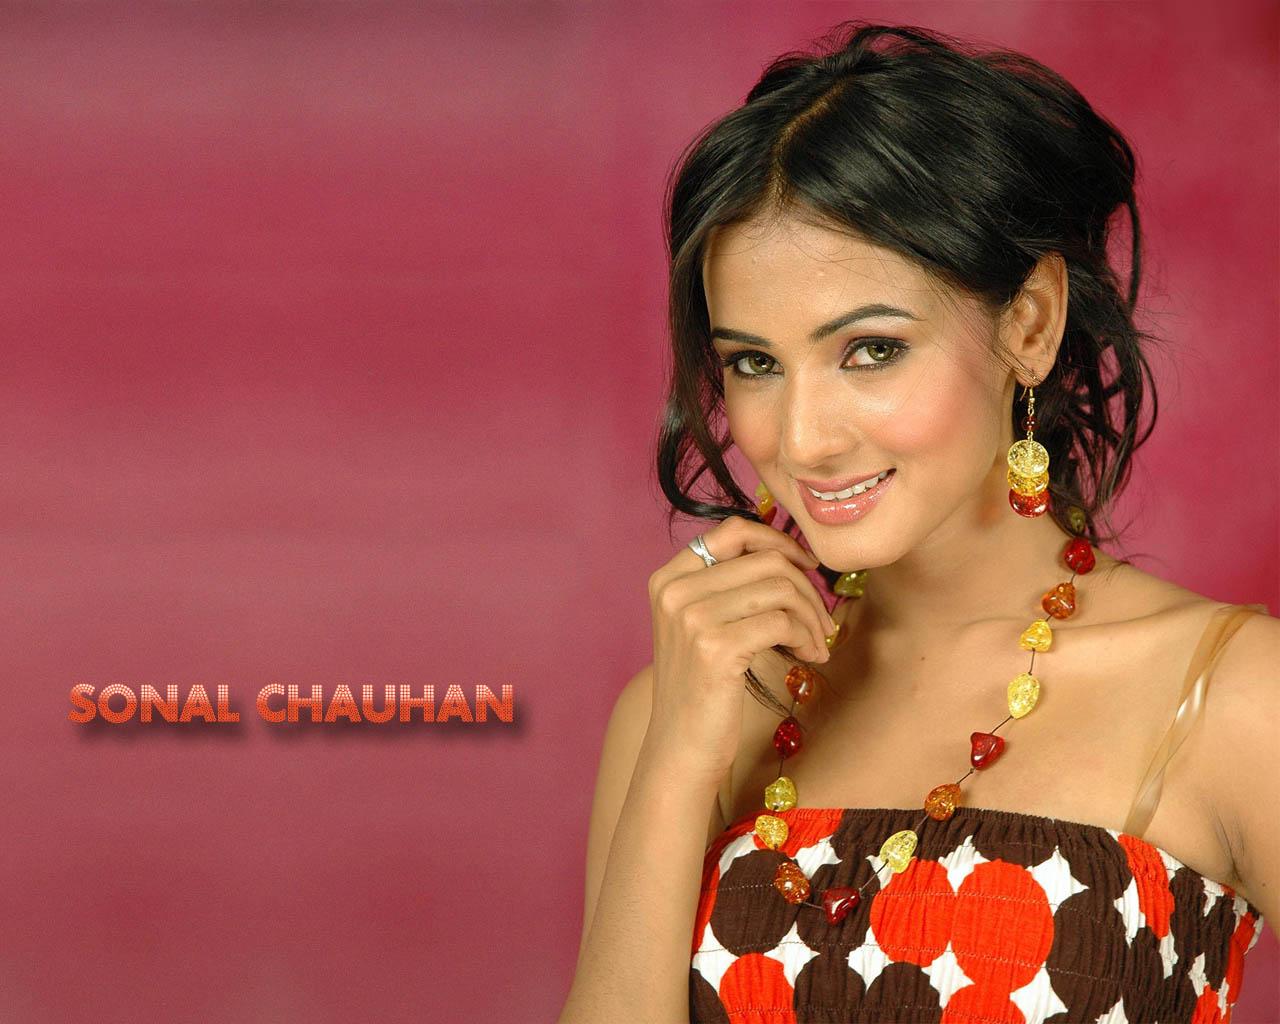 Sonal Chauhan Suhel: Sonal_Chauhan